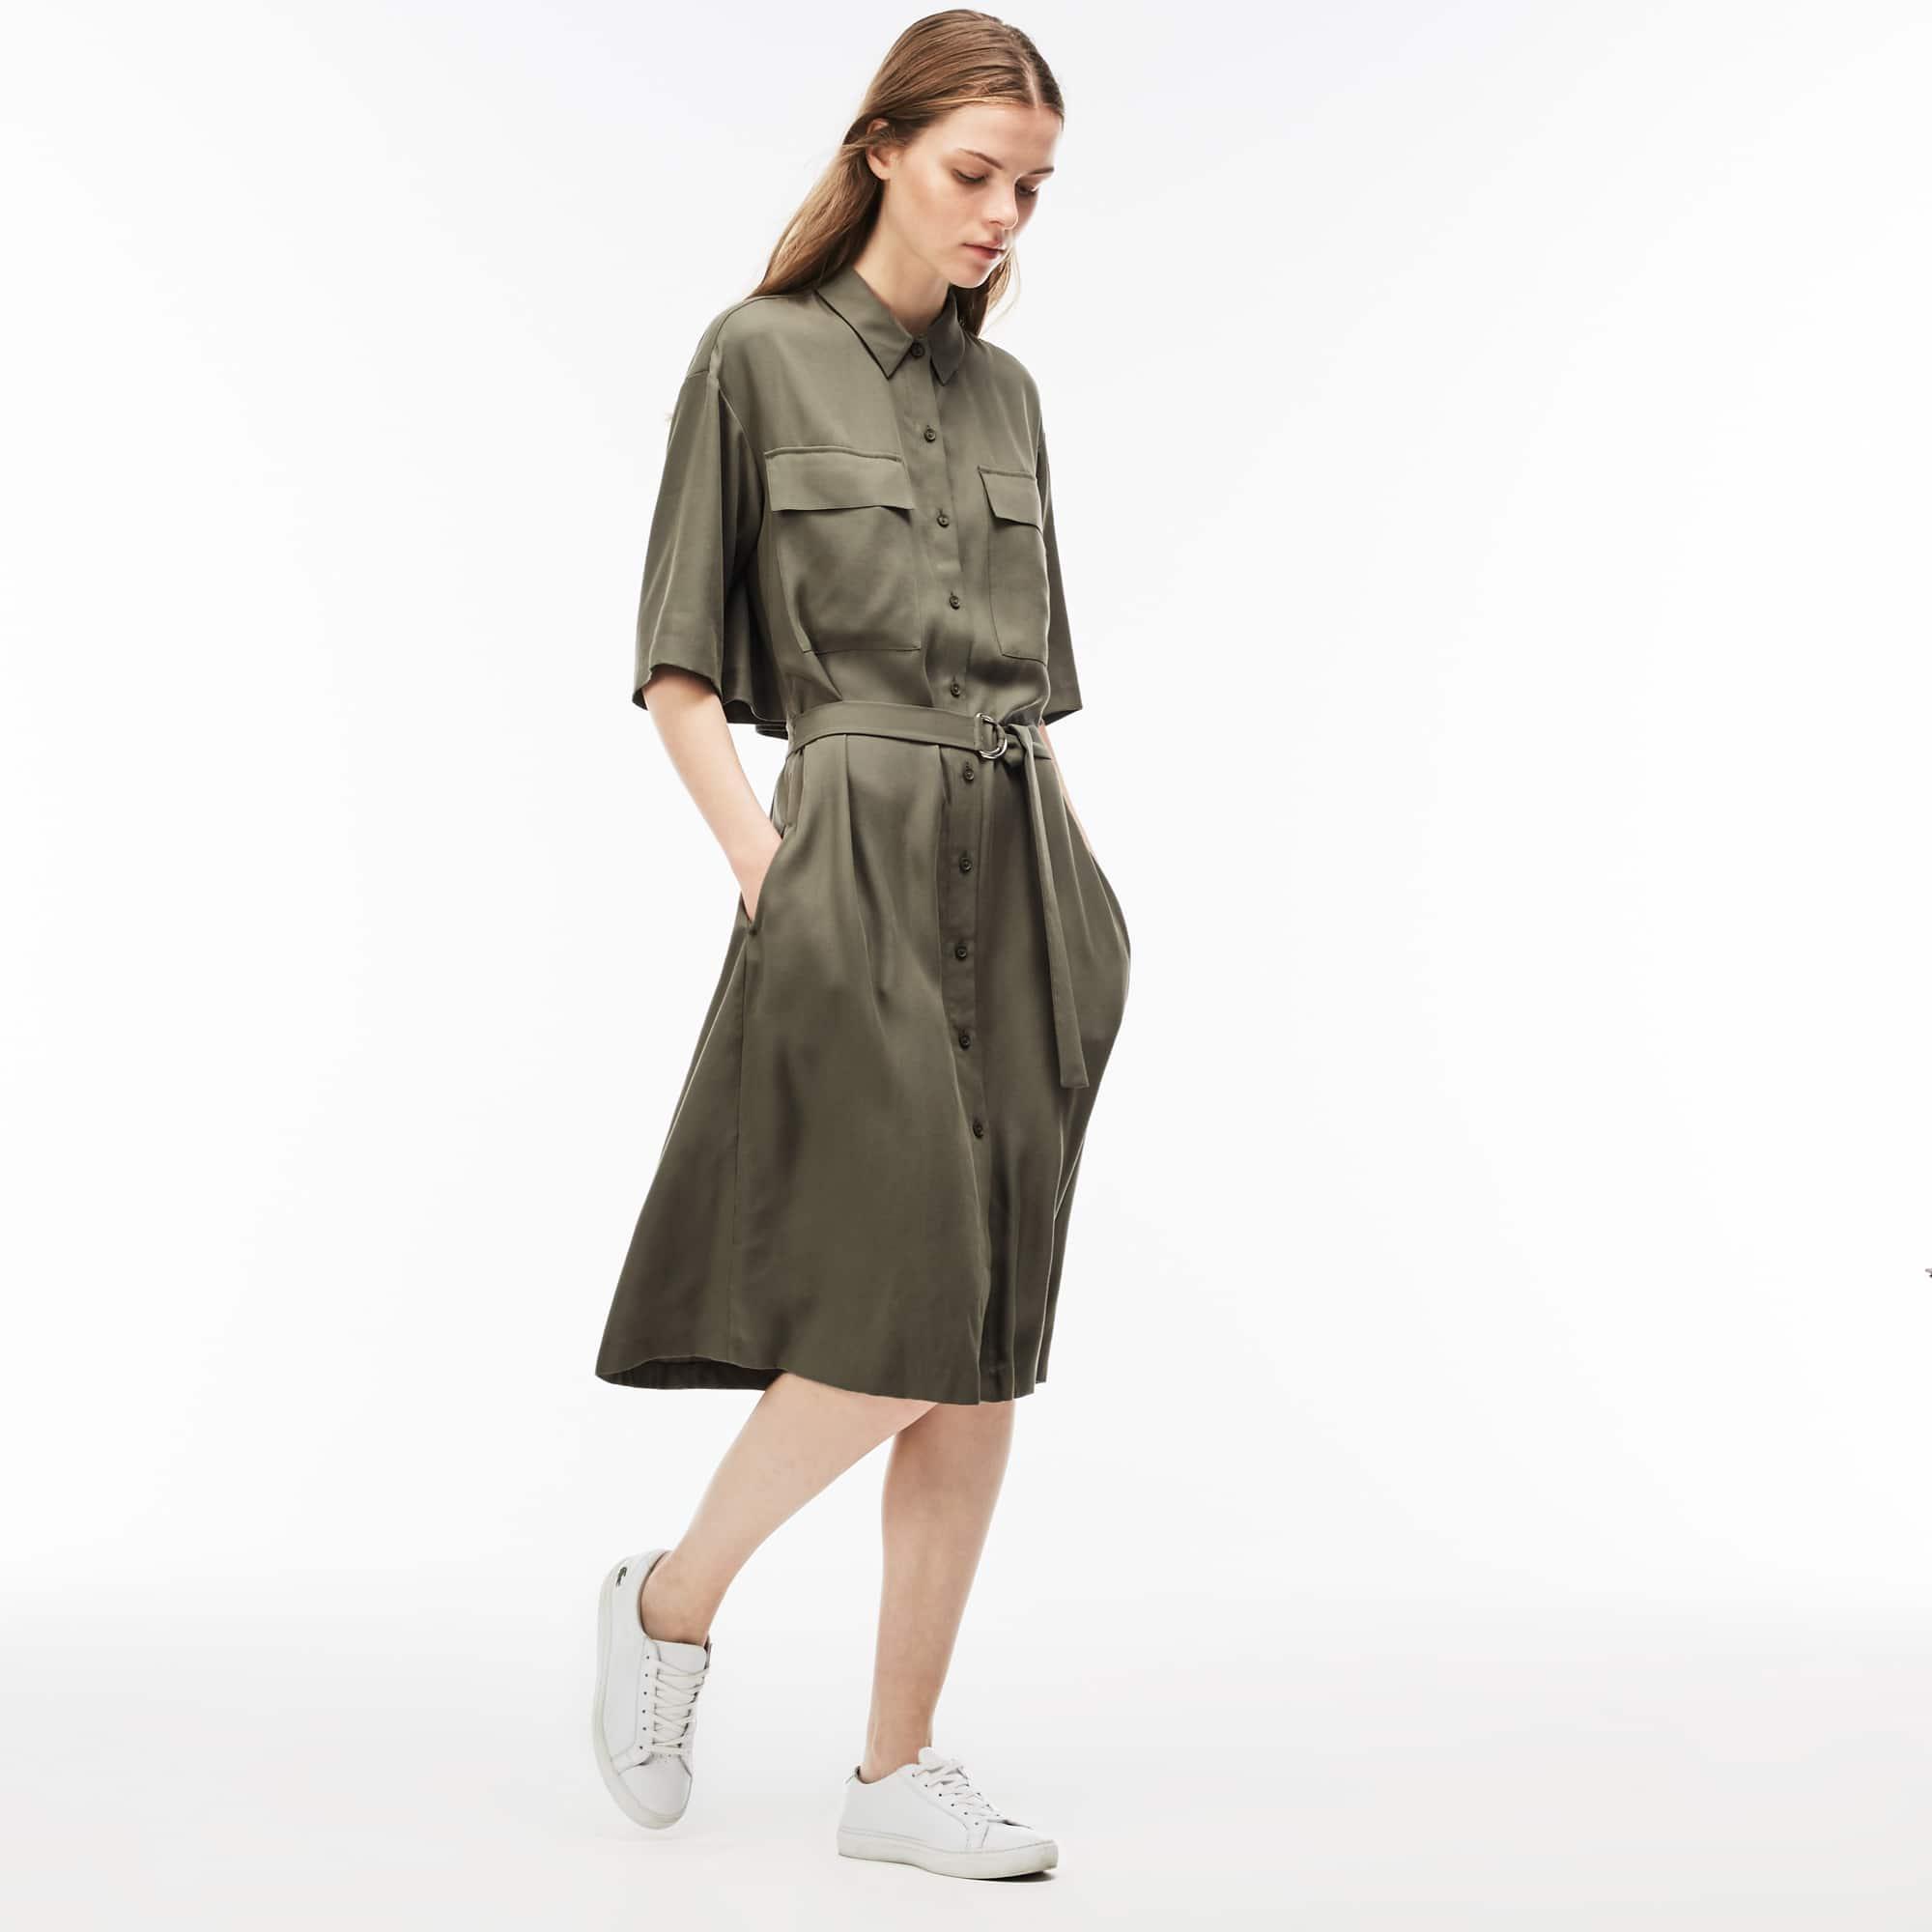 Kleider und Röcke für Frauen   Damenmode   LACOSTE